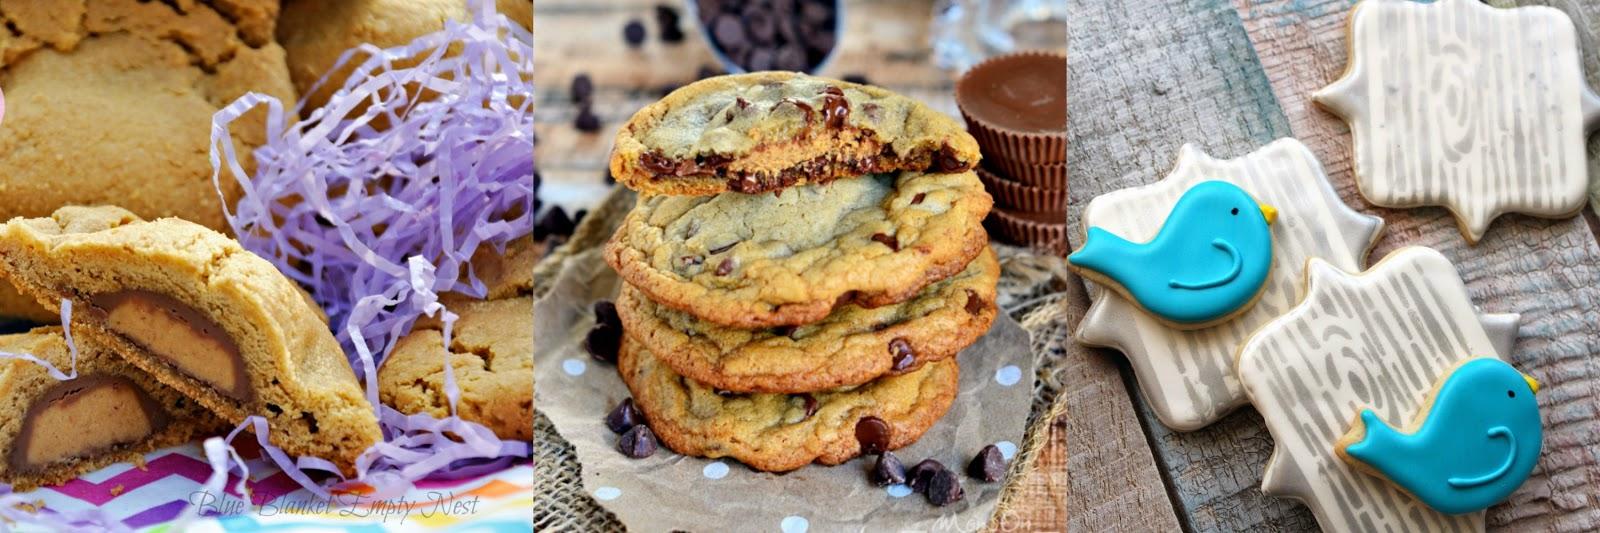 cookies+3 Mouth-Watering Cookies 13